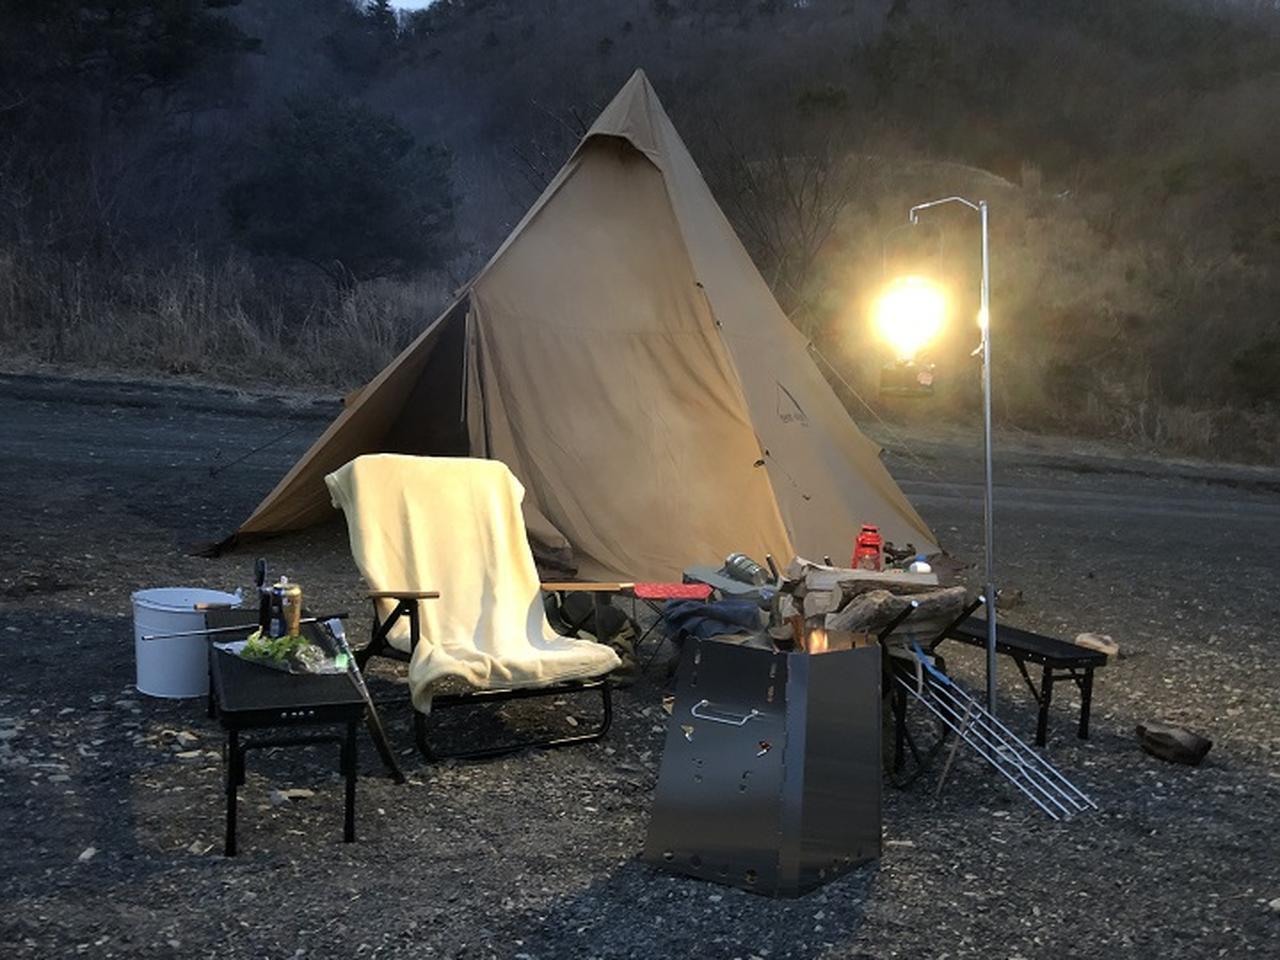 画像7: みーこパパの、あるソロキャンプの一日